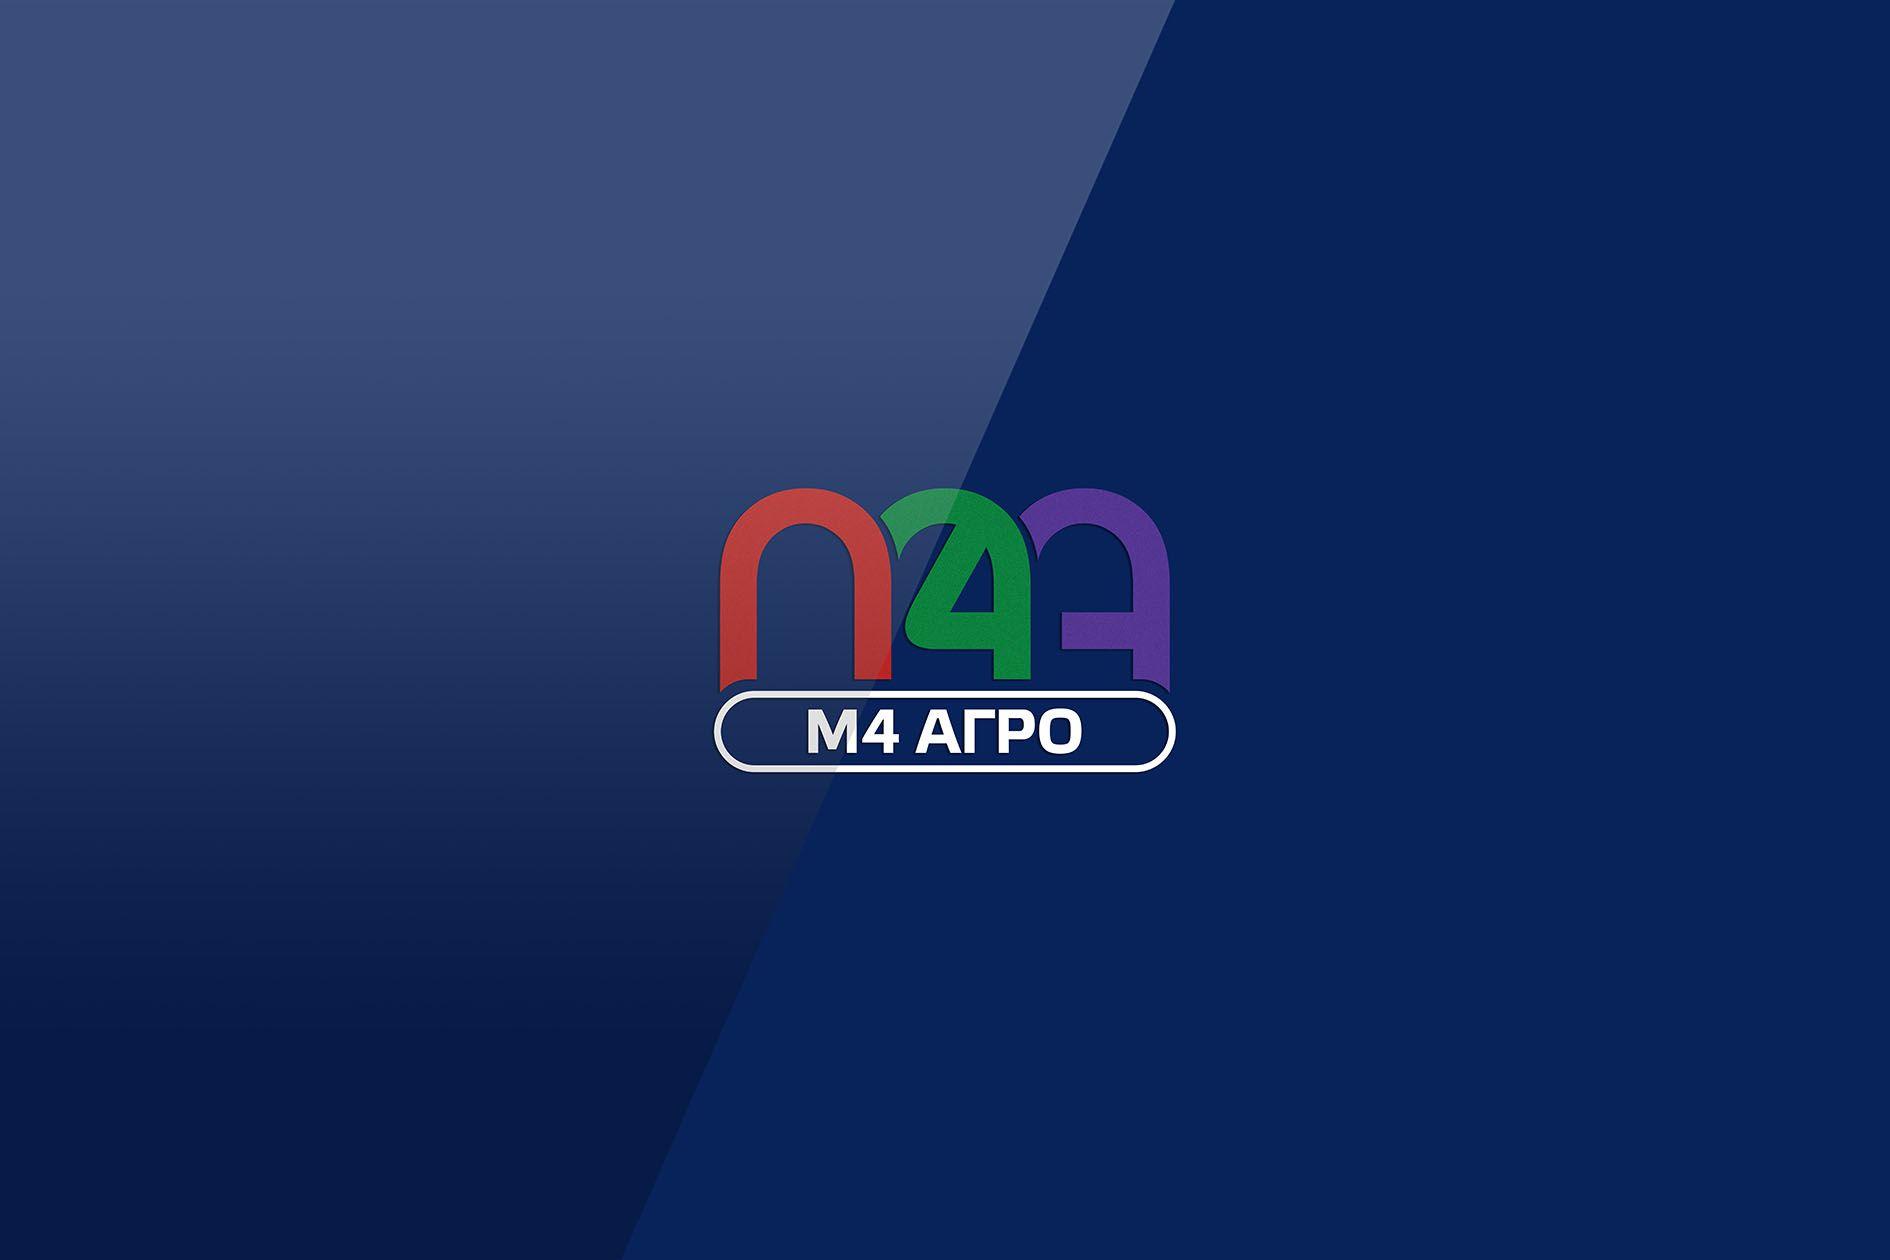 Логотип для M4 АГРО - Российские фрукты - дизайнер cloudlixo